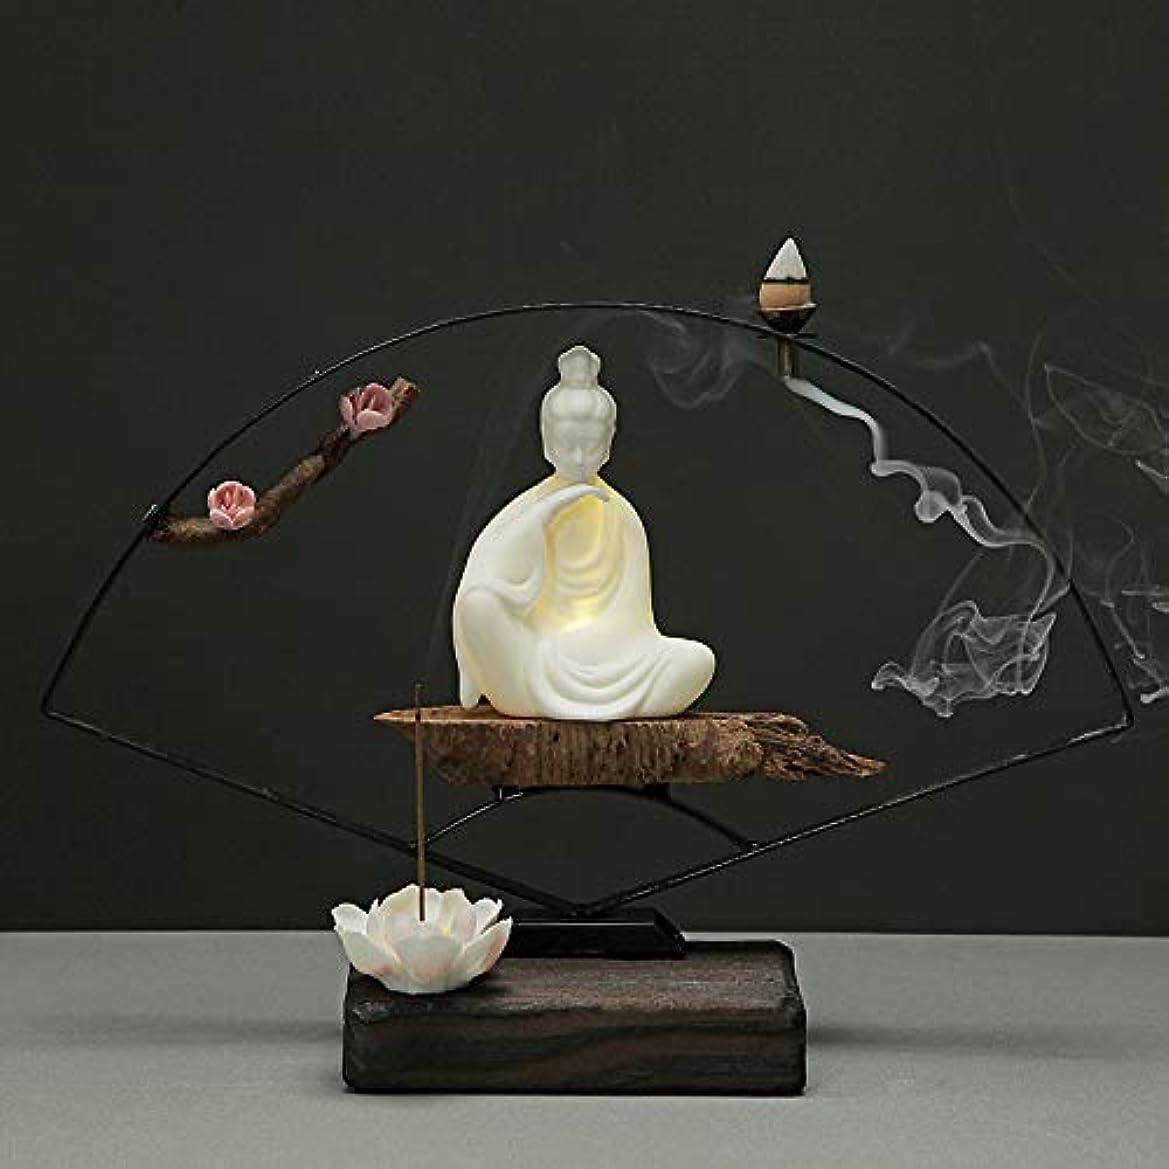 花嫁収穫いつアロマセラピーバーナー、香コーンバーナー香キャンドルホルダーセラミック逆流アロマセラピーバーナー23 * 33 cm